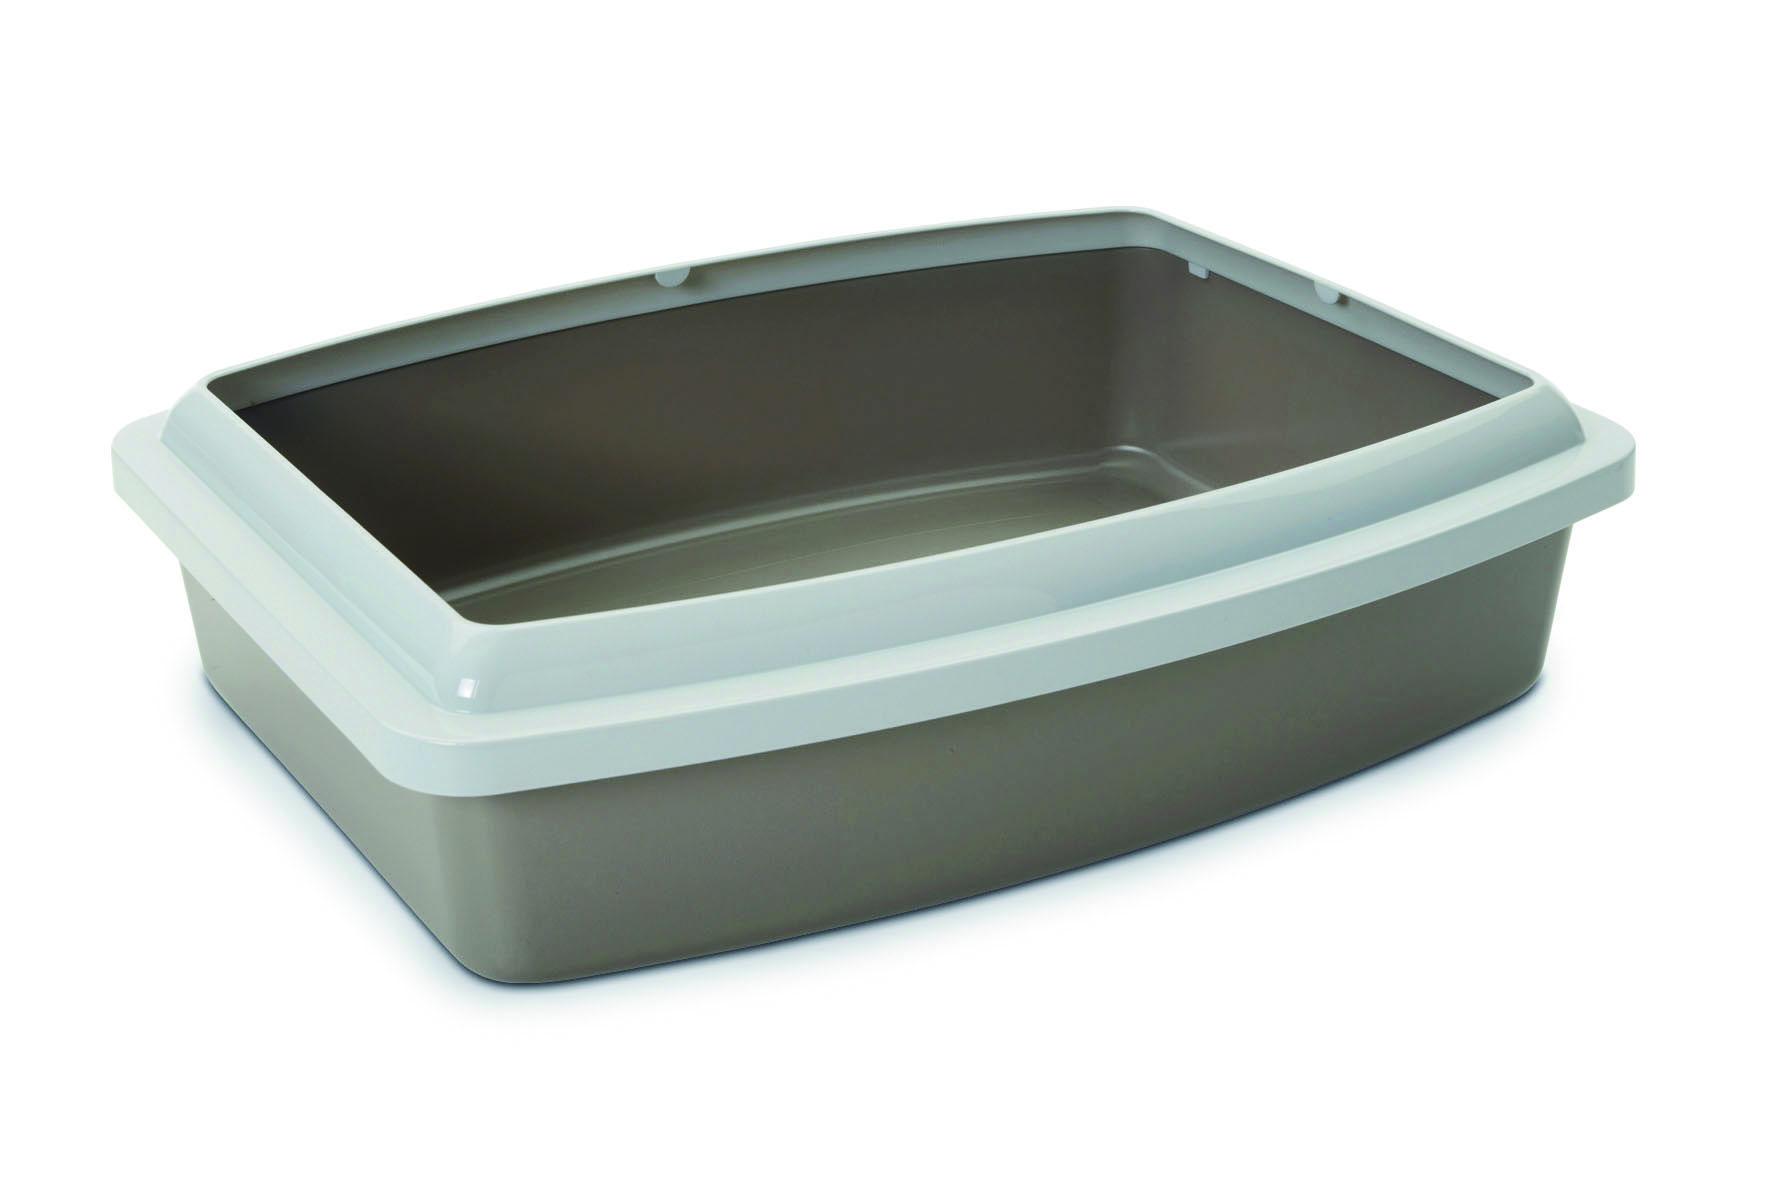 Туалет для кошек Savic Oval Trey Medium, с бортом, цвет: серый, 42 см х 33 см0120710Туалет для кошек Savic Oval Trey Medium изготовлен из качественного прочного пластика. Высокий цветной борт, прикрепленный по периметру лотка, удобно защелкивается и предотвращает разбрасывание наполнителя. Это самый простой в употреблении предмет обихода для кошек и котов.